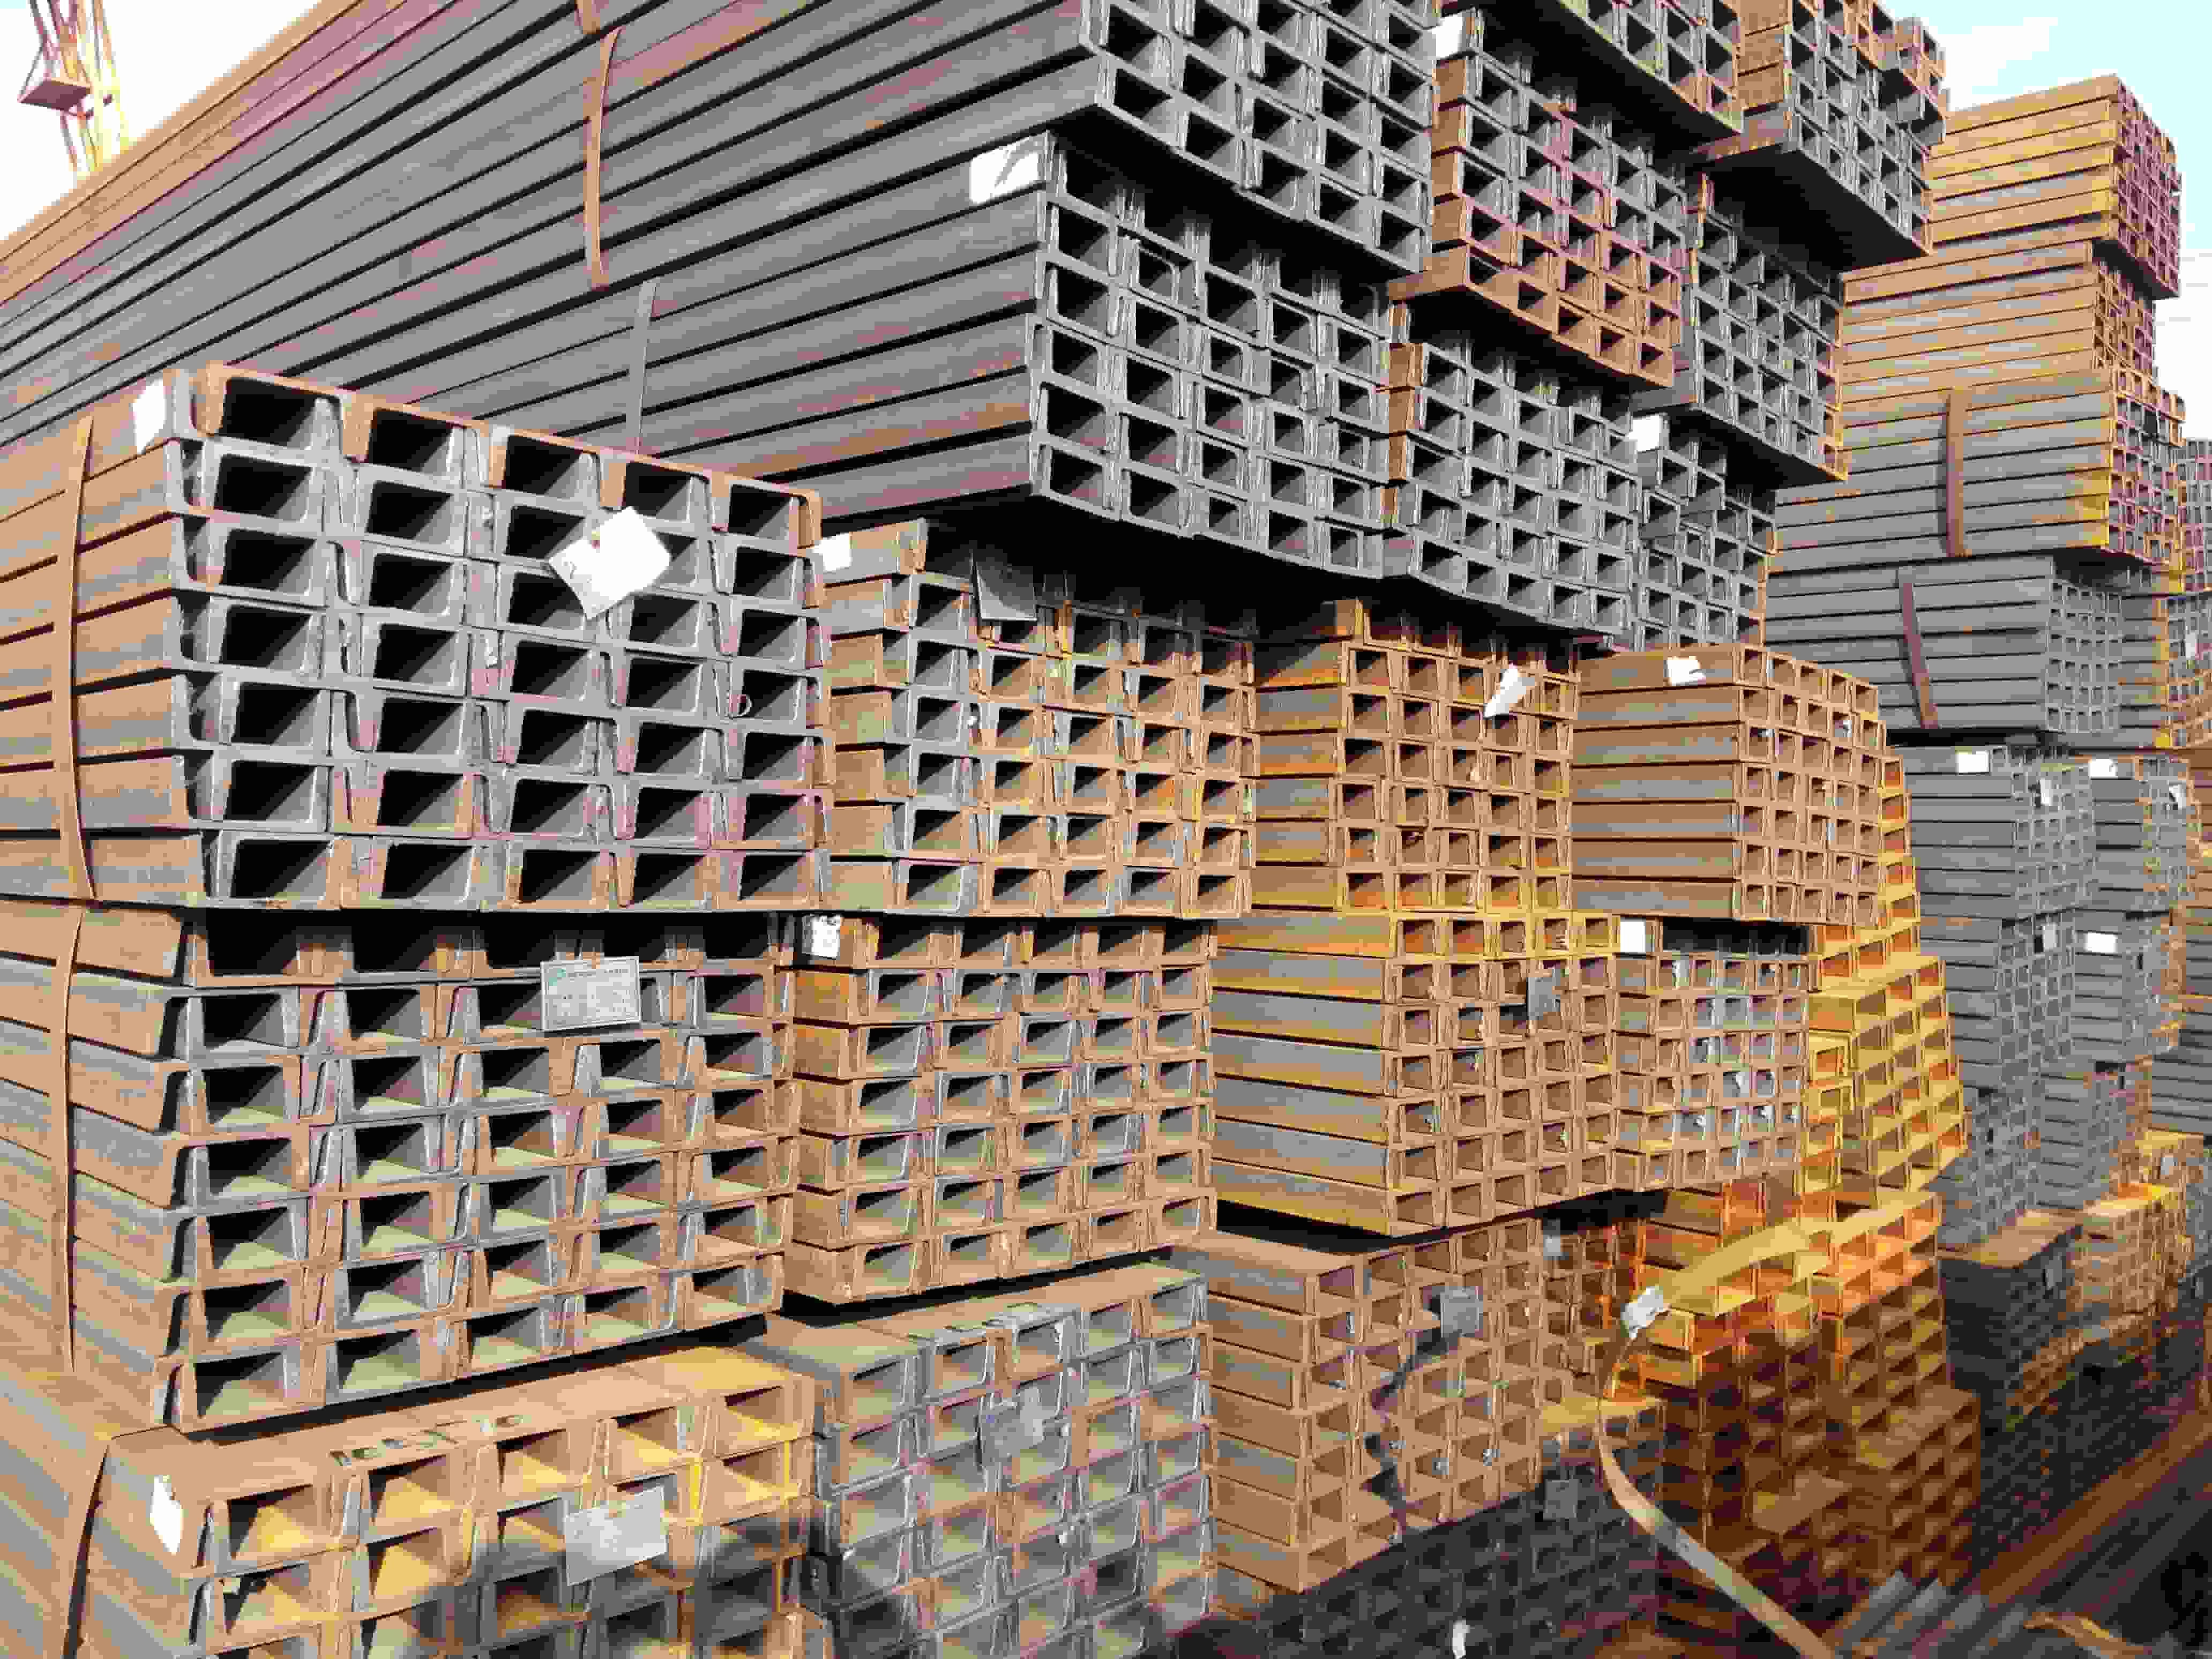 昆明槽钢价格多少一根 信誉保证 云南贸轩商贸供应